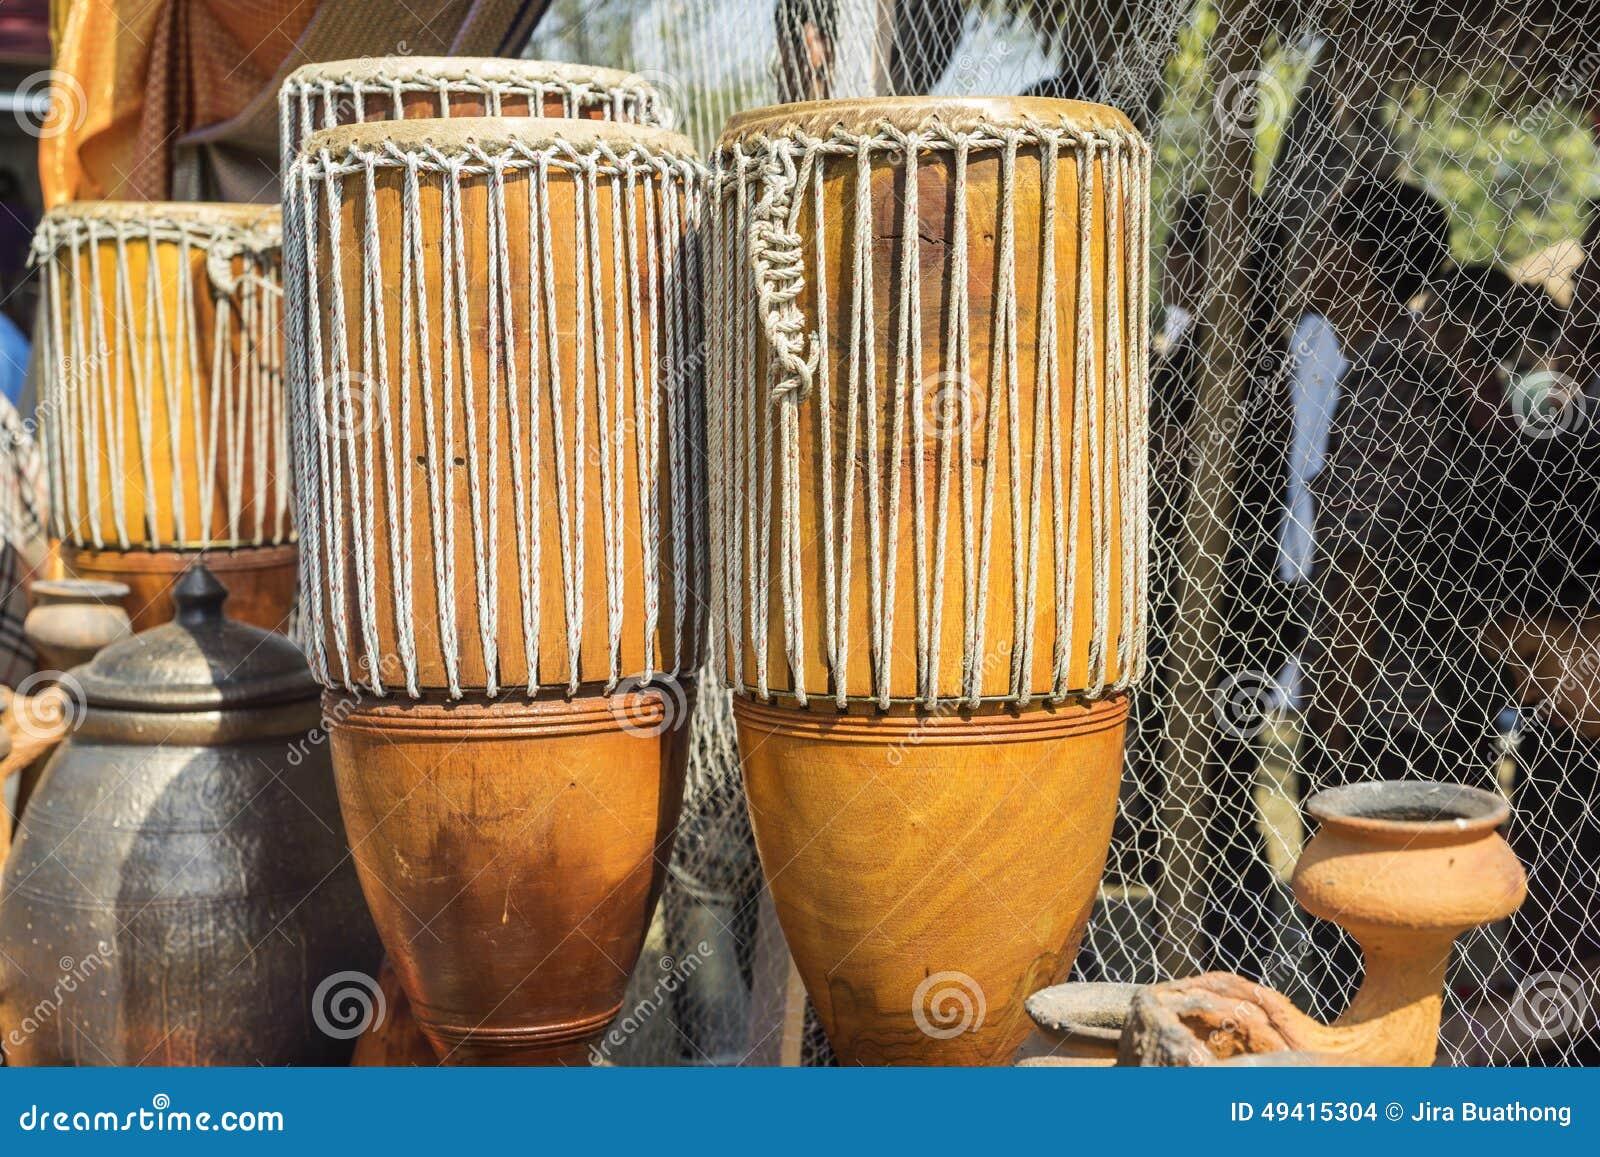 Download Siamesische Trommeln stockfoto. Bild von siamesisch, perkussion - 49415304